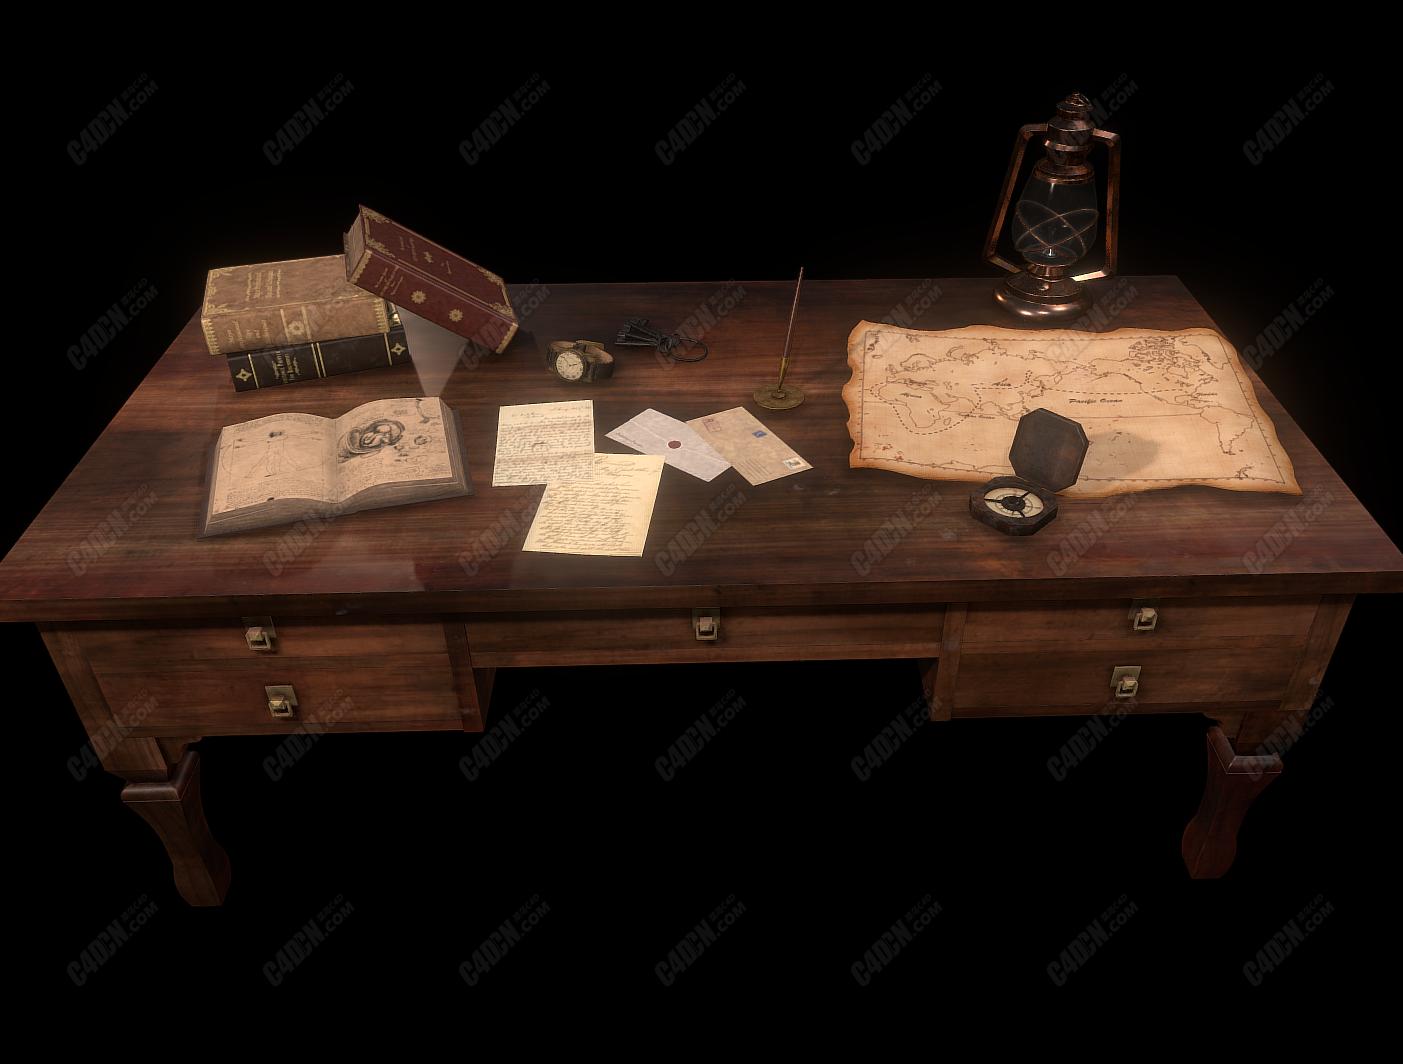 C4D书本信件指南针煤油灯地图破桌子模型